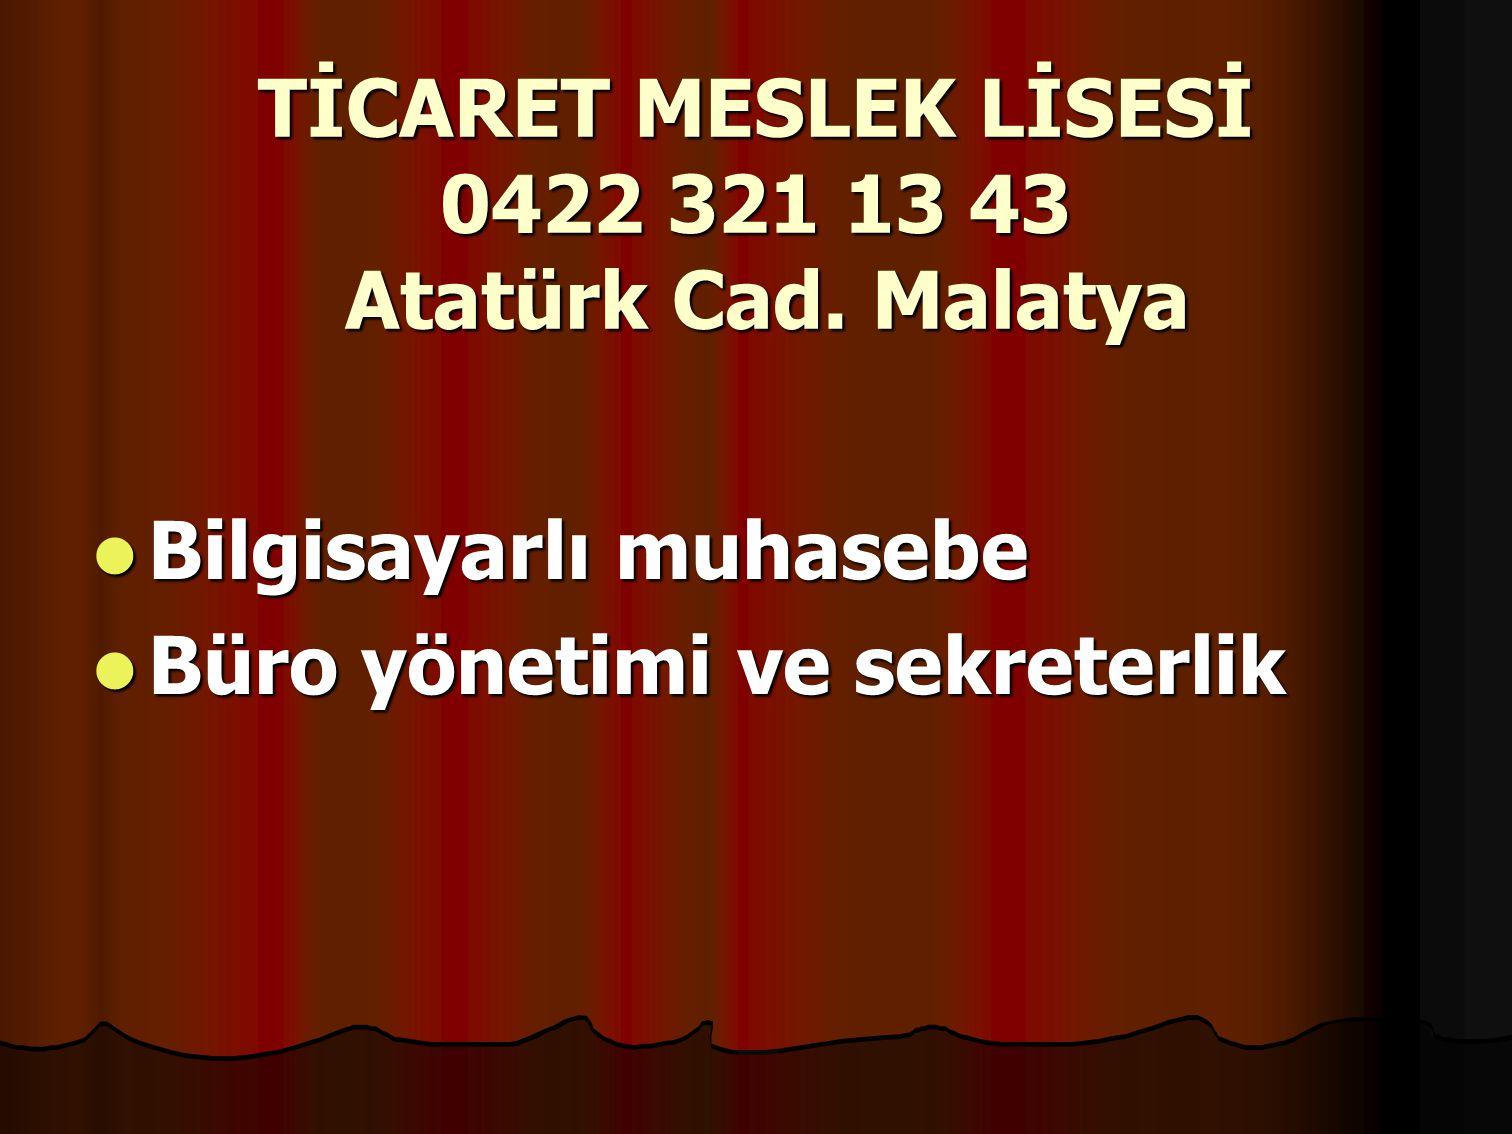 TİCARET MESLEK LİSESİ 0422 321 13 43 Atatürk Cad.